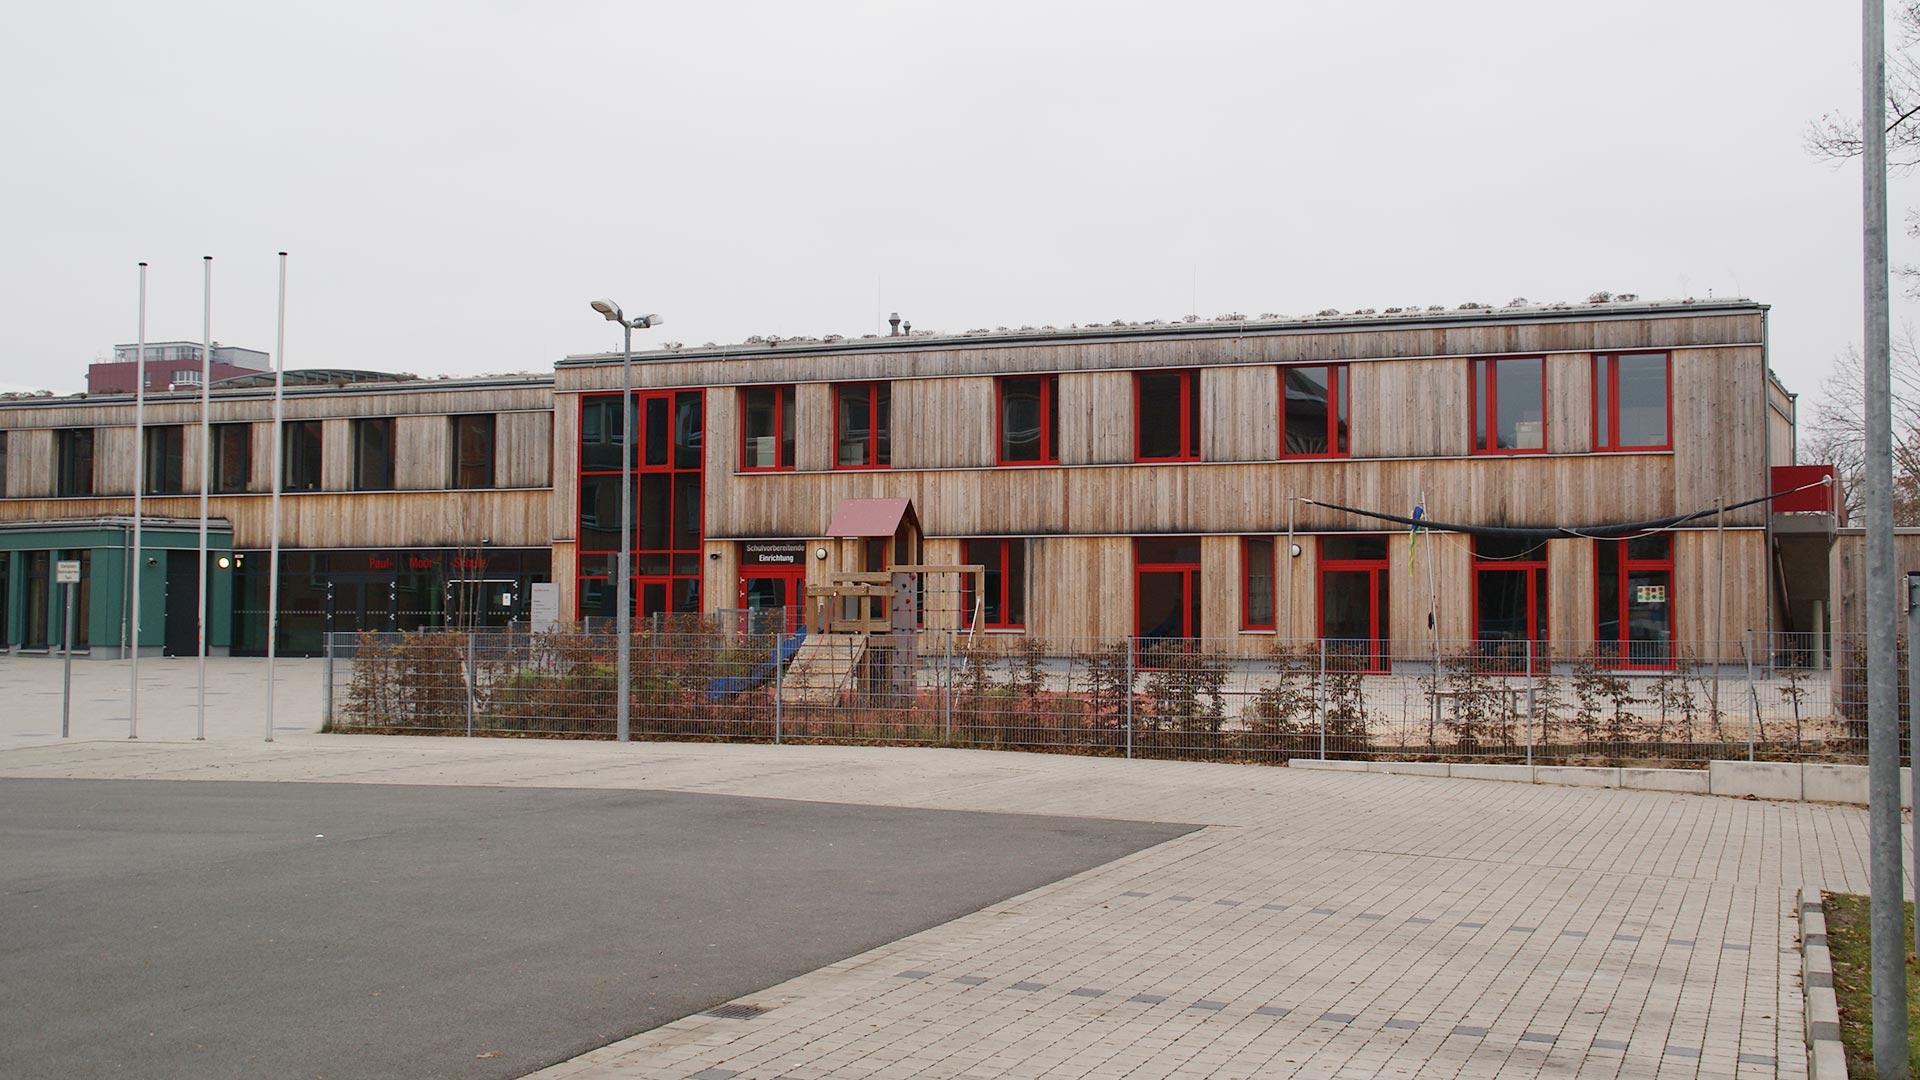 Paul-Mohr Schule Nürnberg